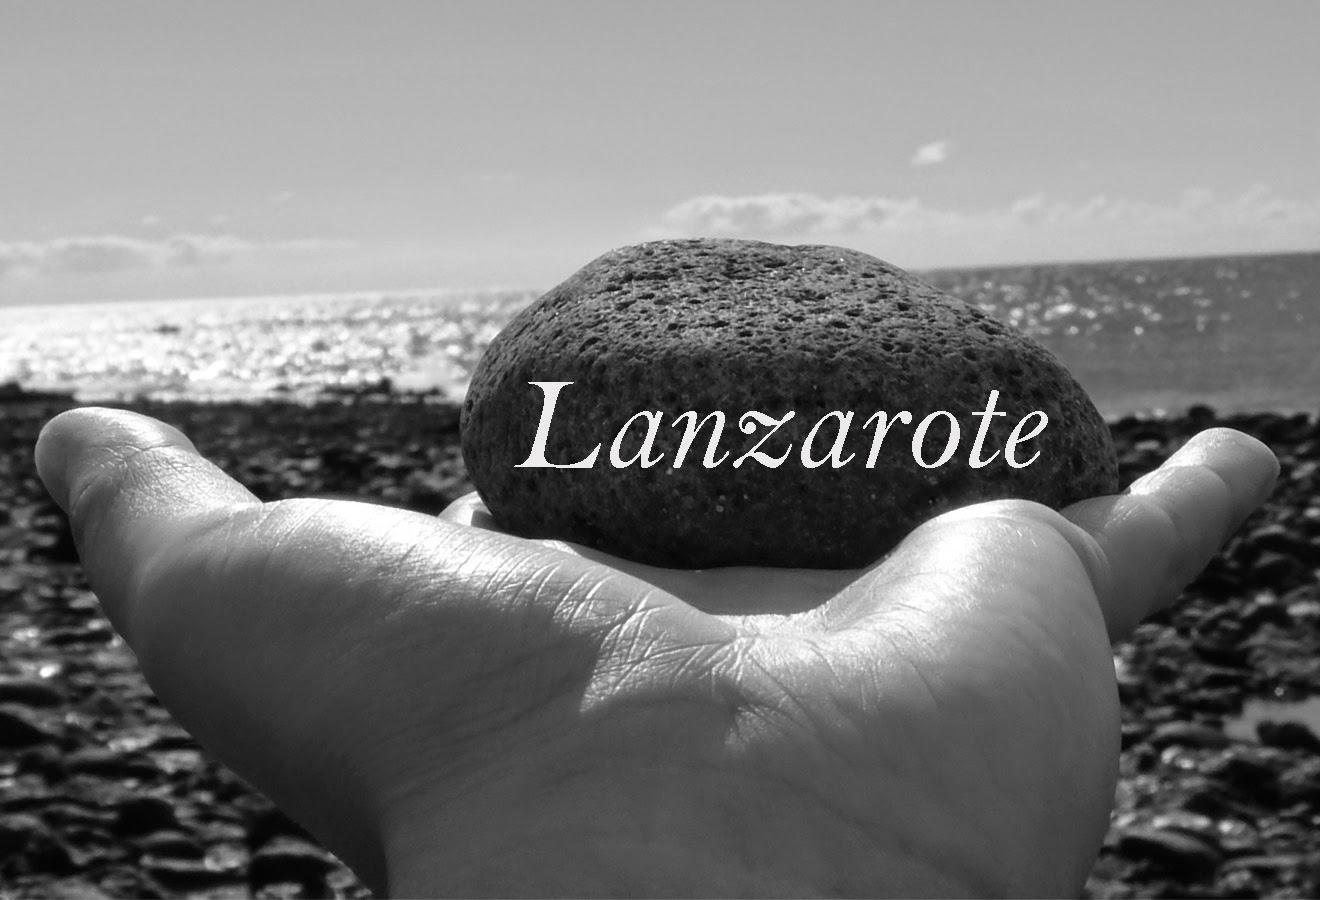 Lanzarote Sehenswürdigkeiten, Lanzarote Ausflugsziele, Lanzarote Ausflüge